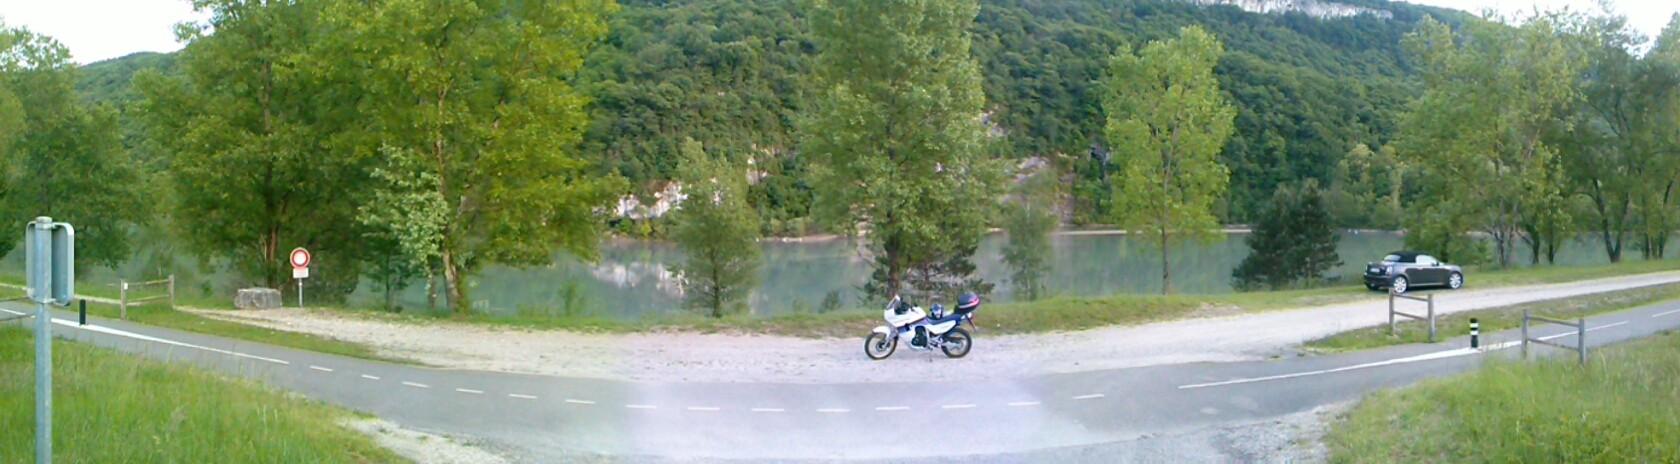 7 jours de balade en moto dans le sud Cam00516